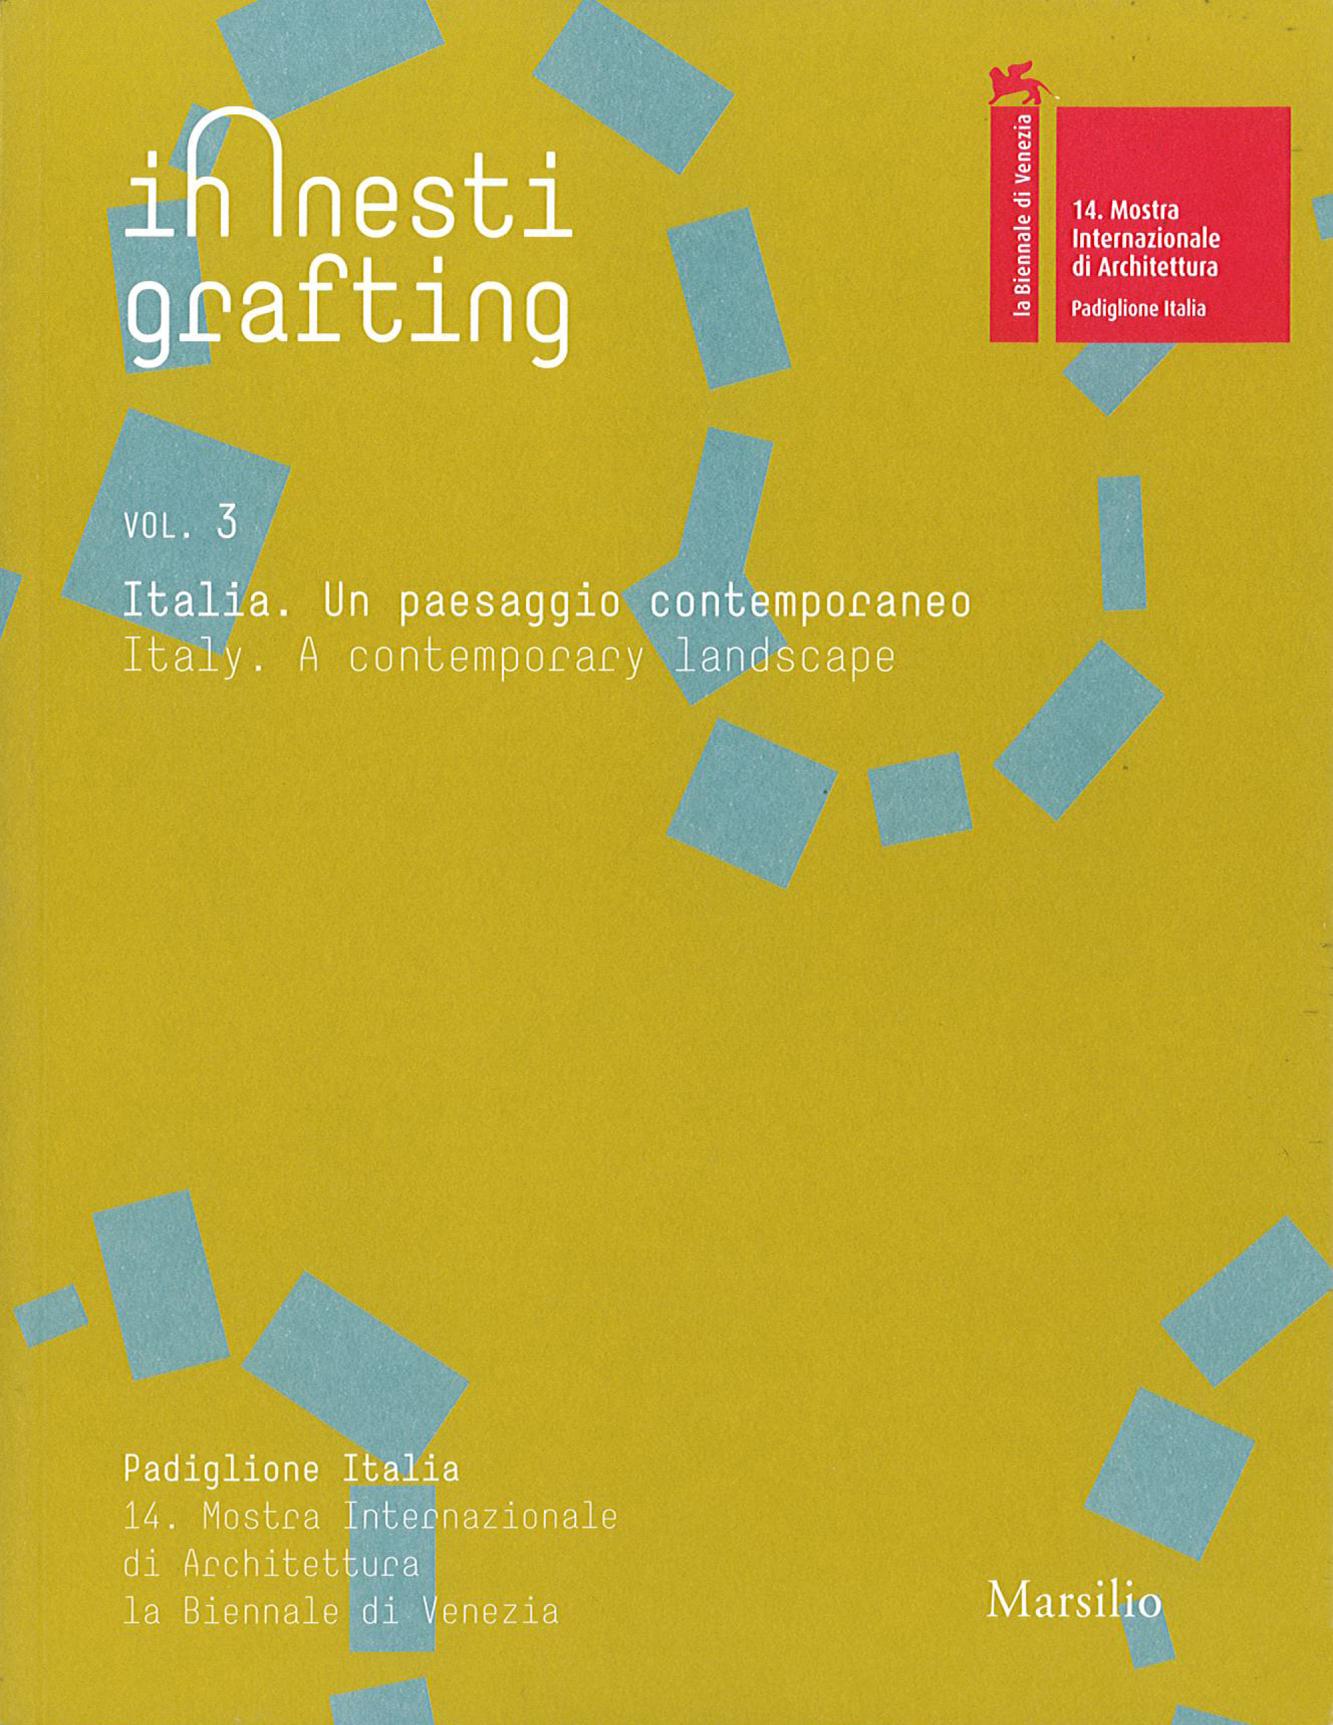 Pubblicazioni - Biennale di Venezia 14